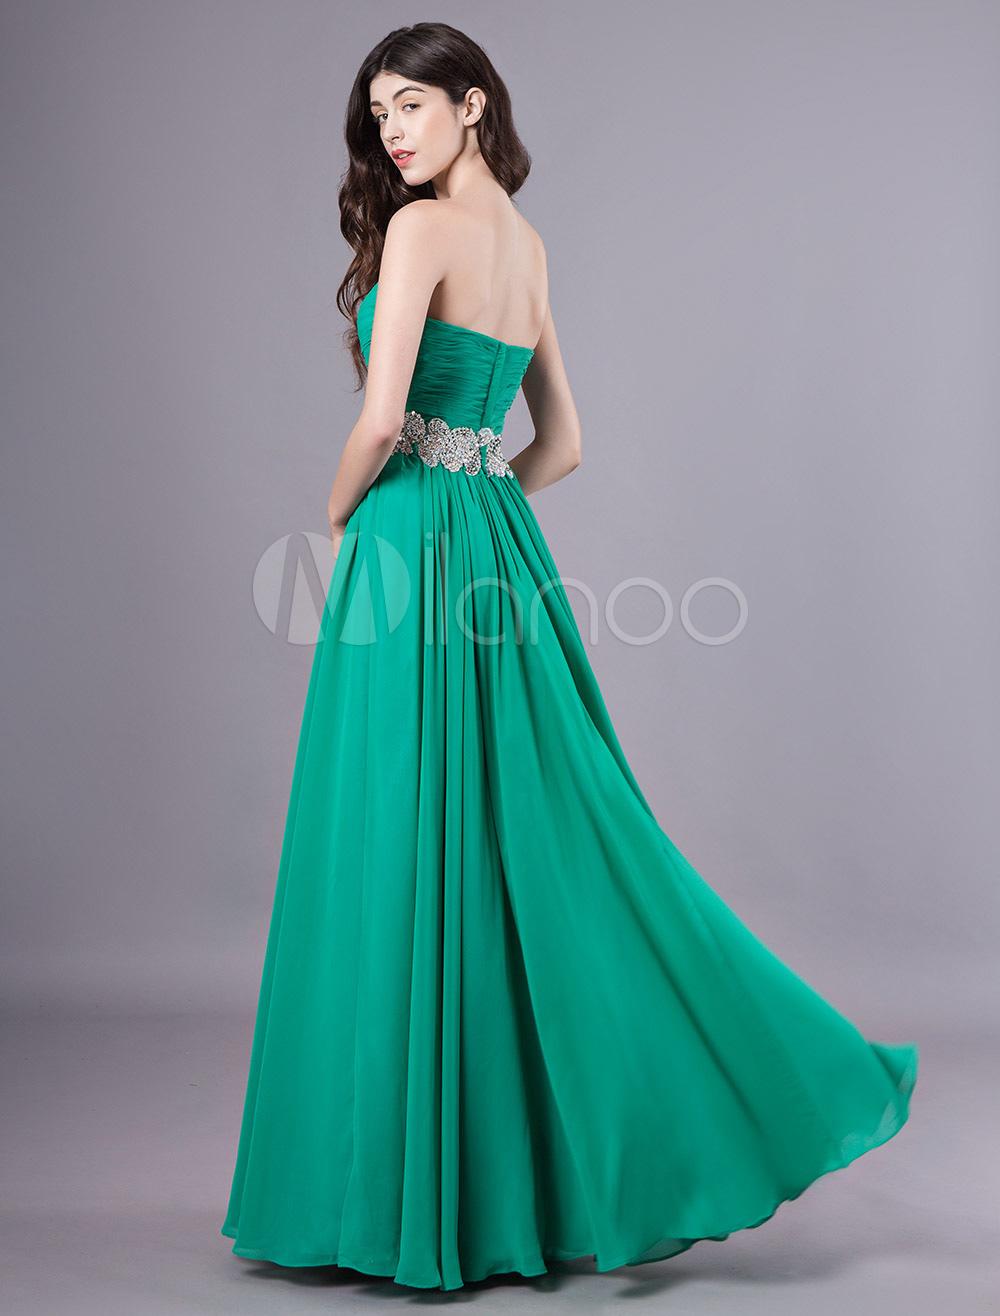 2a3f00d5287 Платье вечернее без бретелек синее зеленое синее шифоновое платье Maxi  формальное вечернее платье-No.